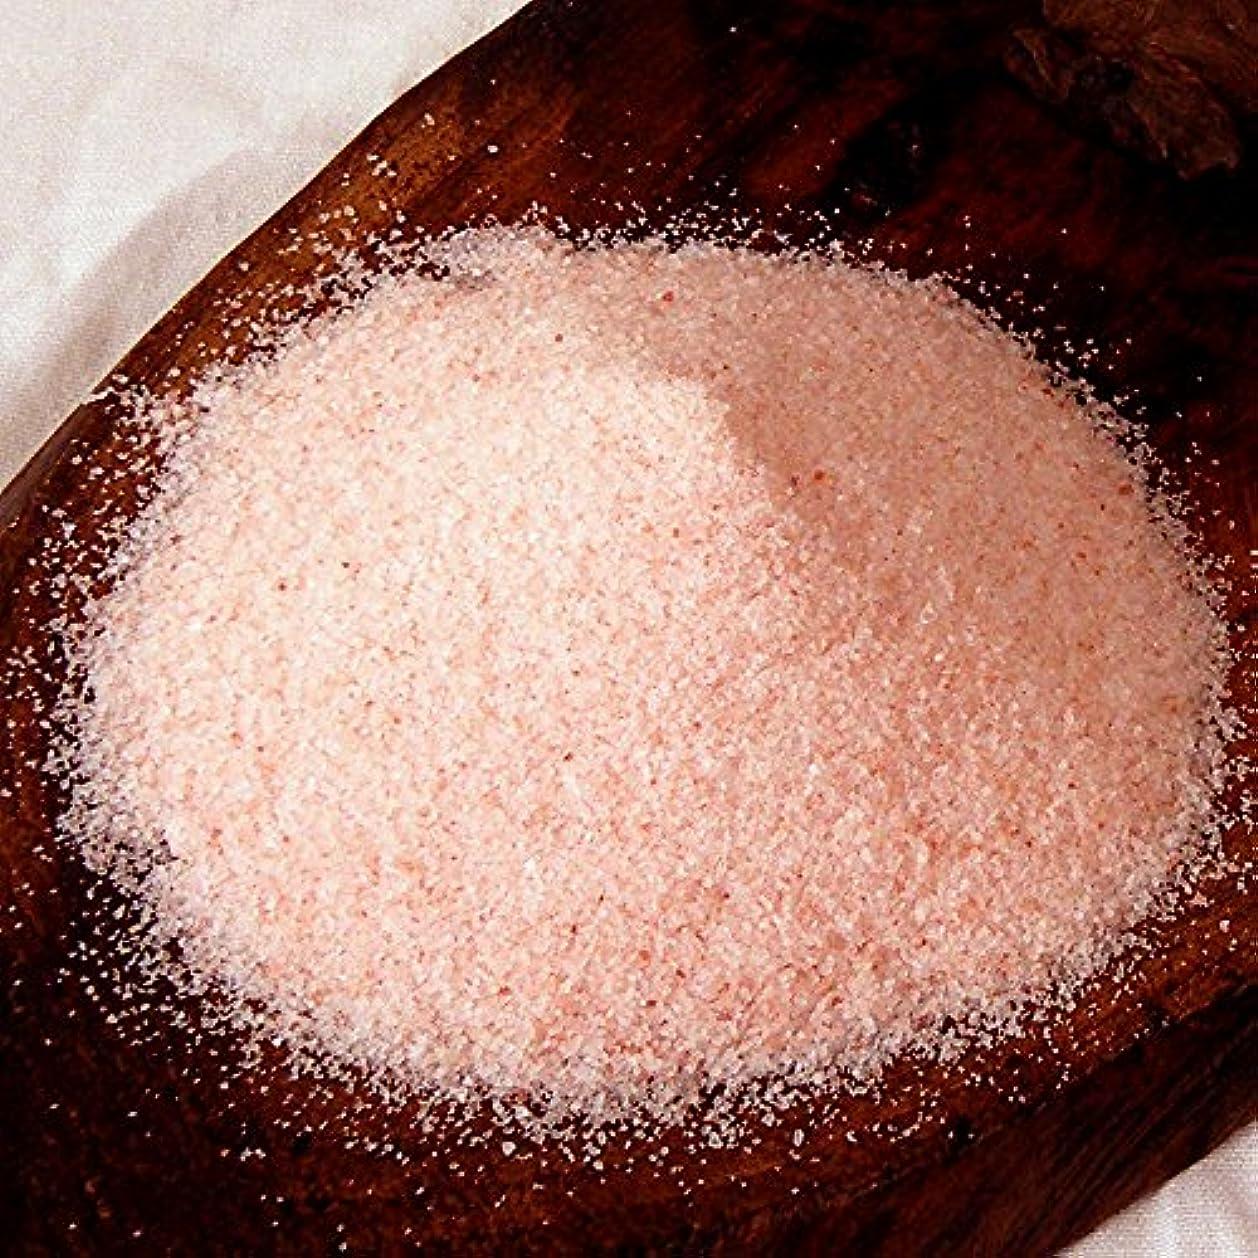 すずめ主観的換気するヒマラヤ岩塩 バスソルト ローズソルト 溶けやすい細粒タイプ 5kg 塩洗顔にも 【保管に便利な1kg×5パック】